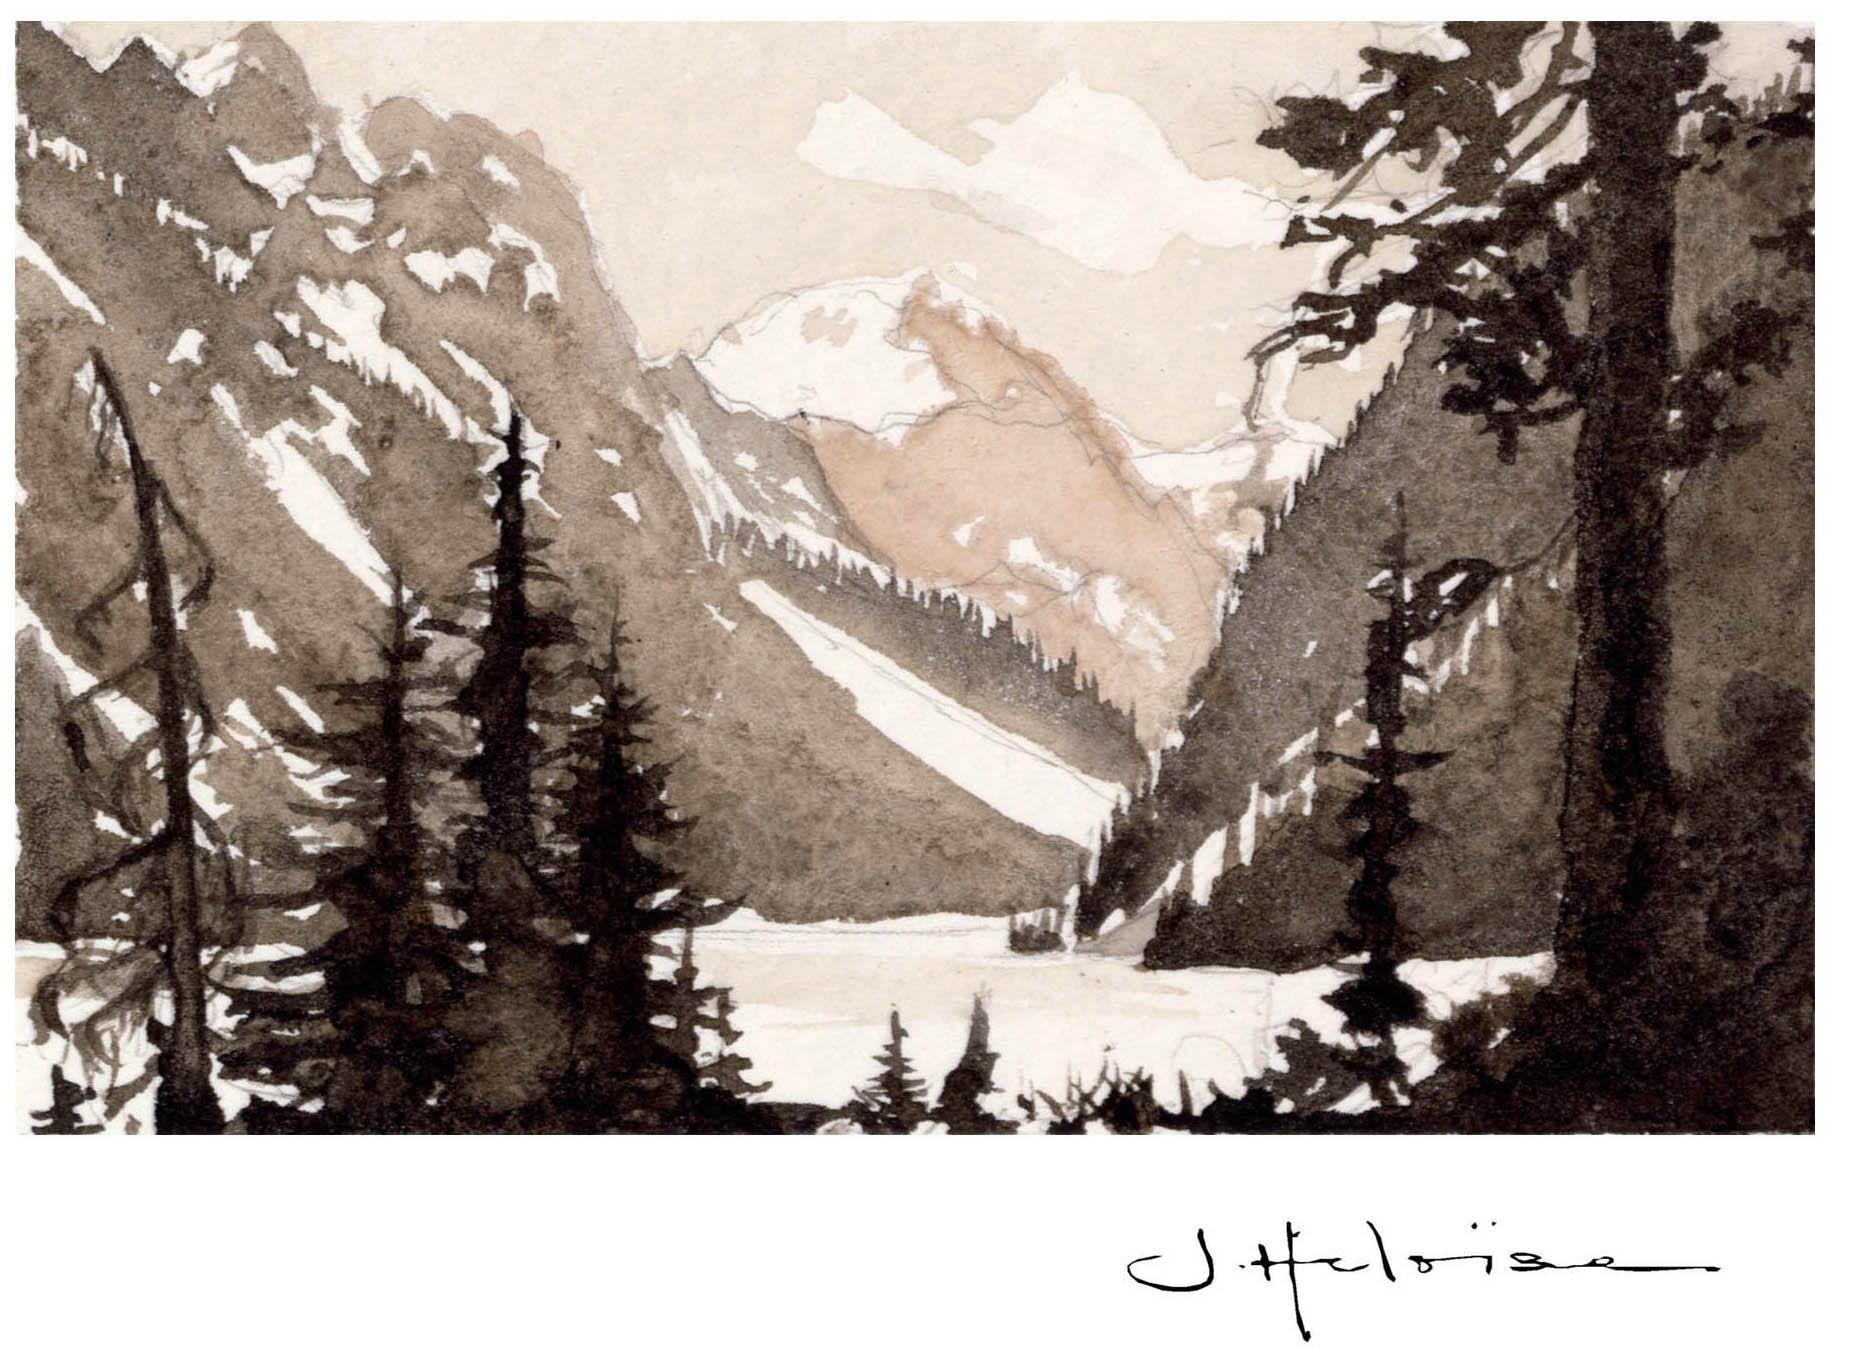 Western Peak, 2009